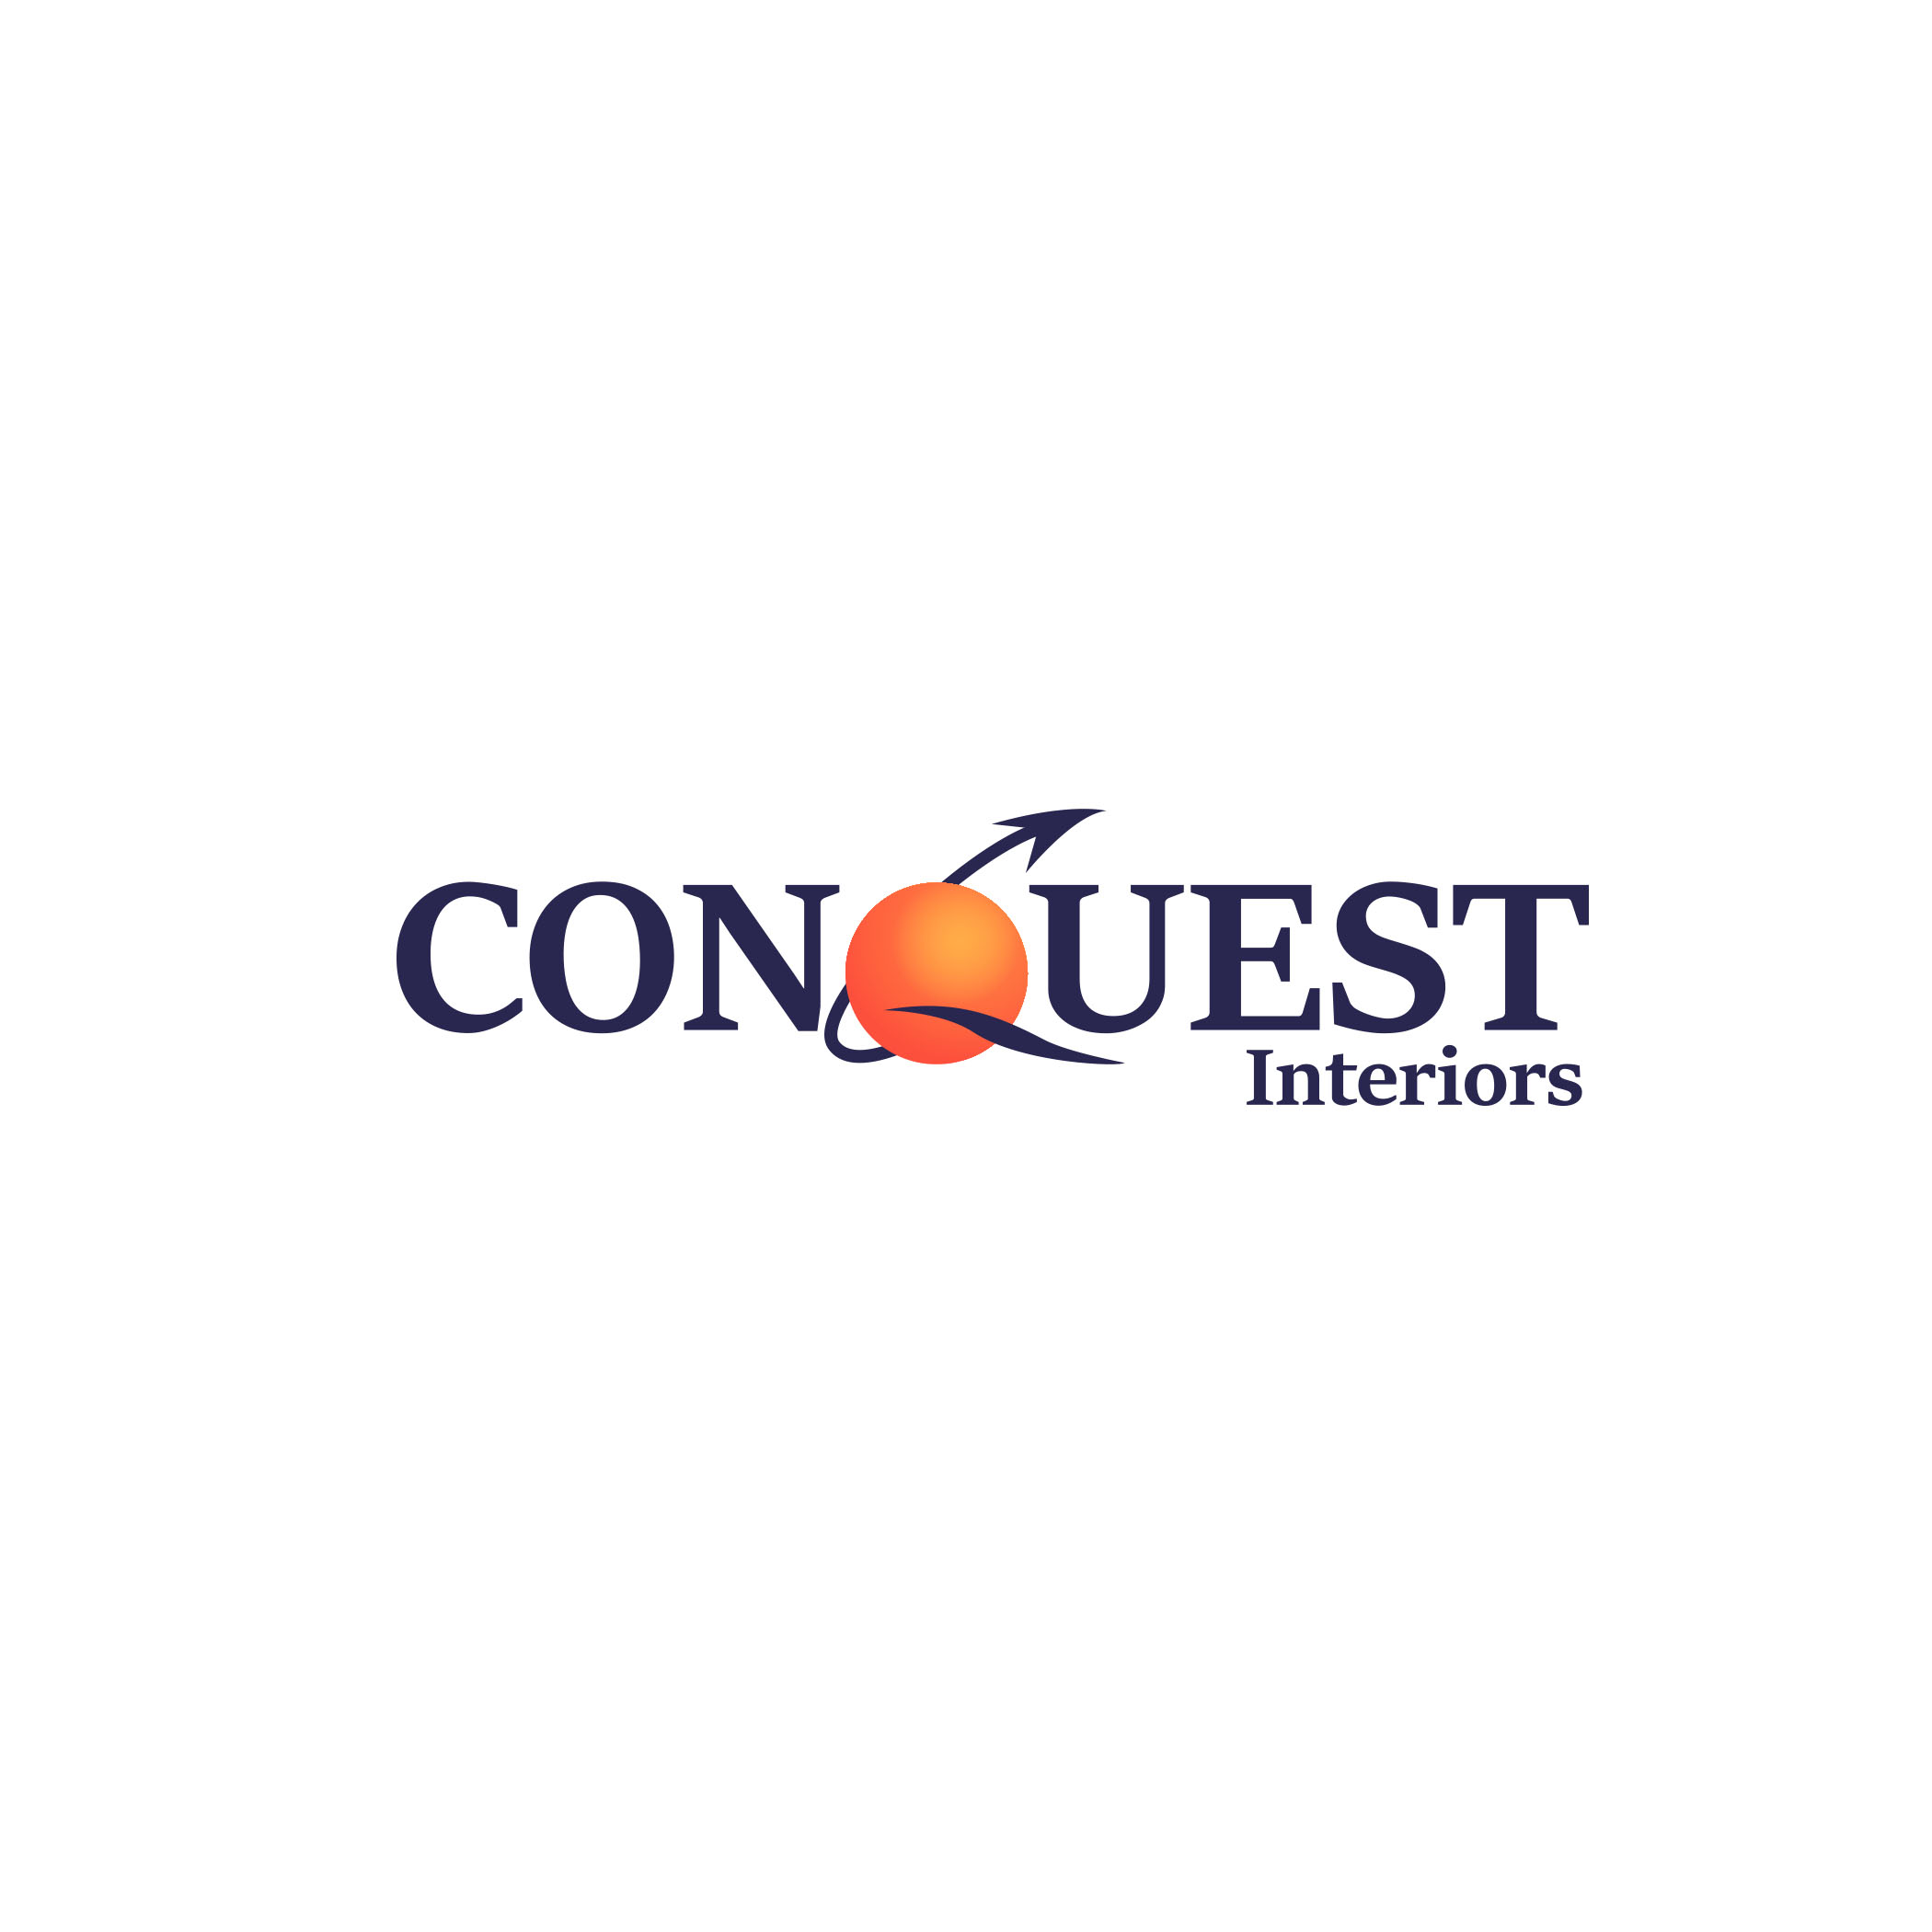 conquest-interior-curtain-specialist Logo